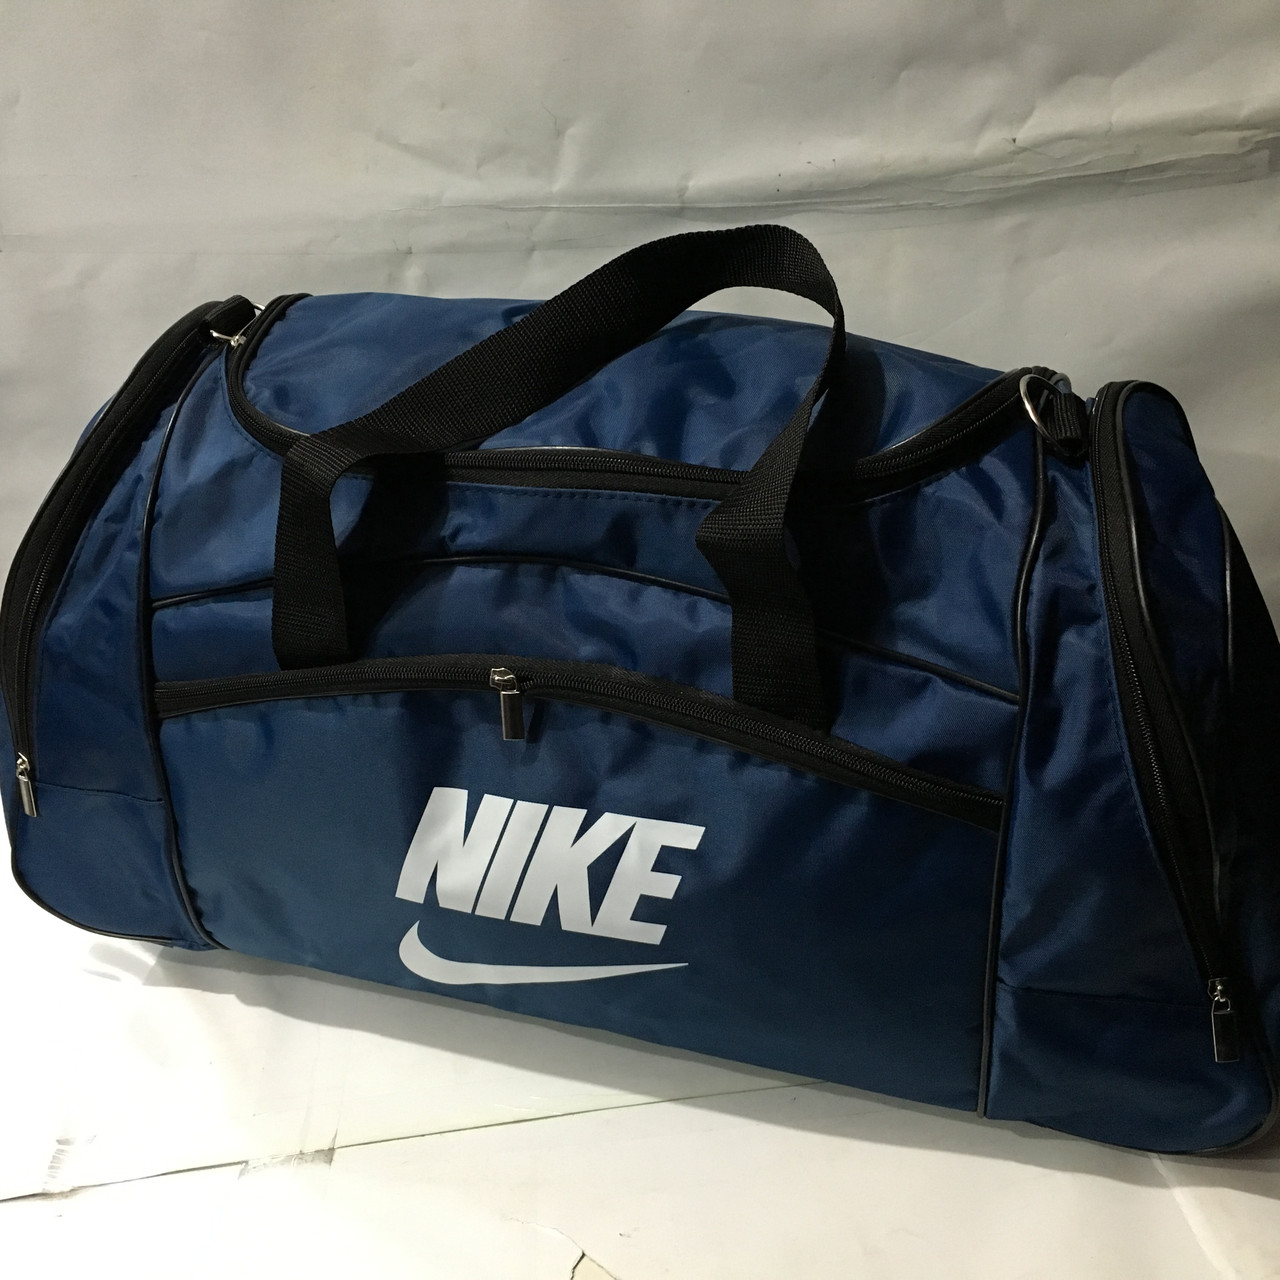 9342fb9290d8 Спортивная сумка Nike. Дорожная сумка. Сумки Найк. Сумка в спортзал. Сумка с